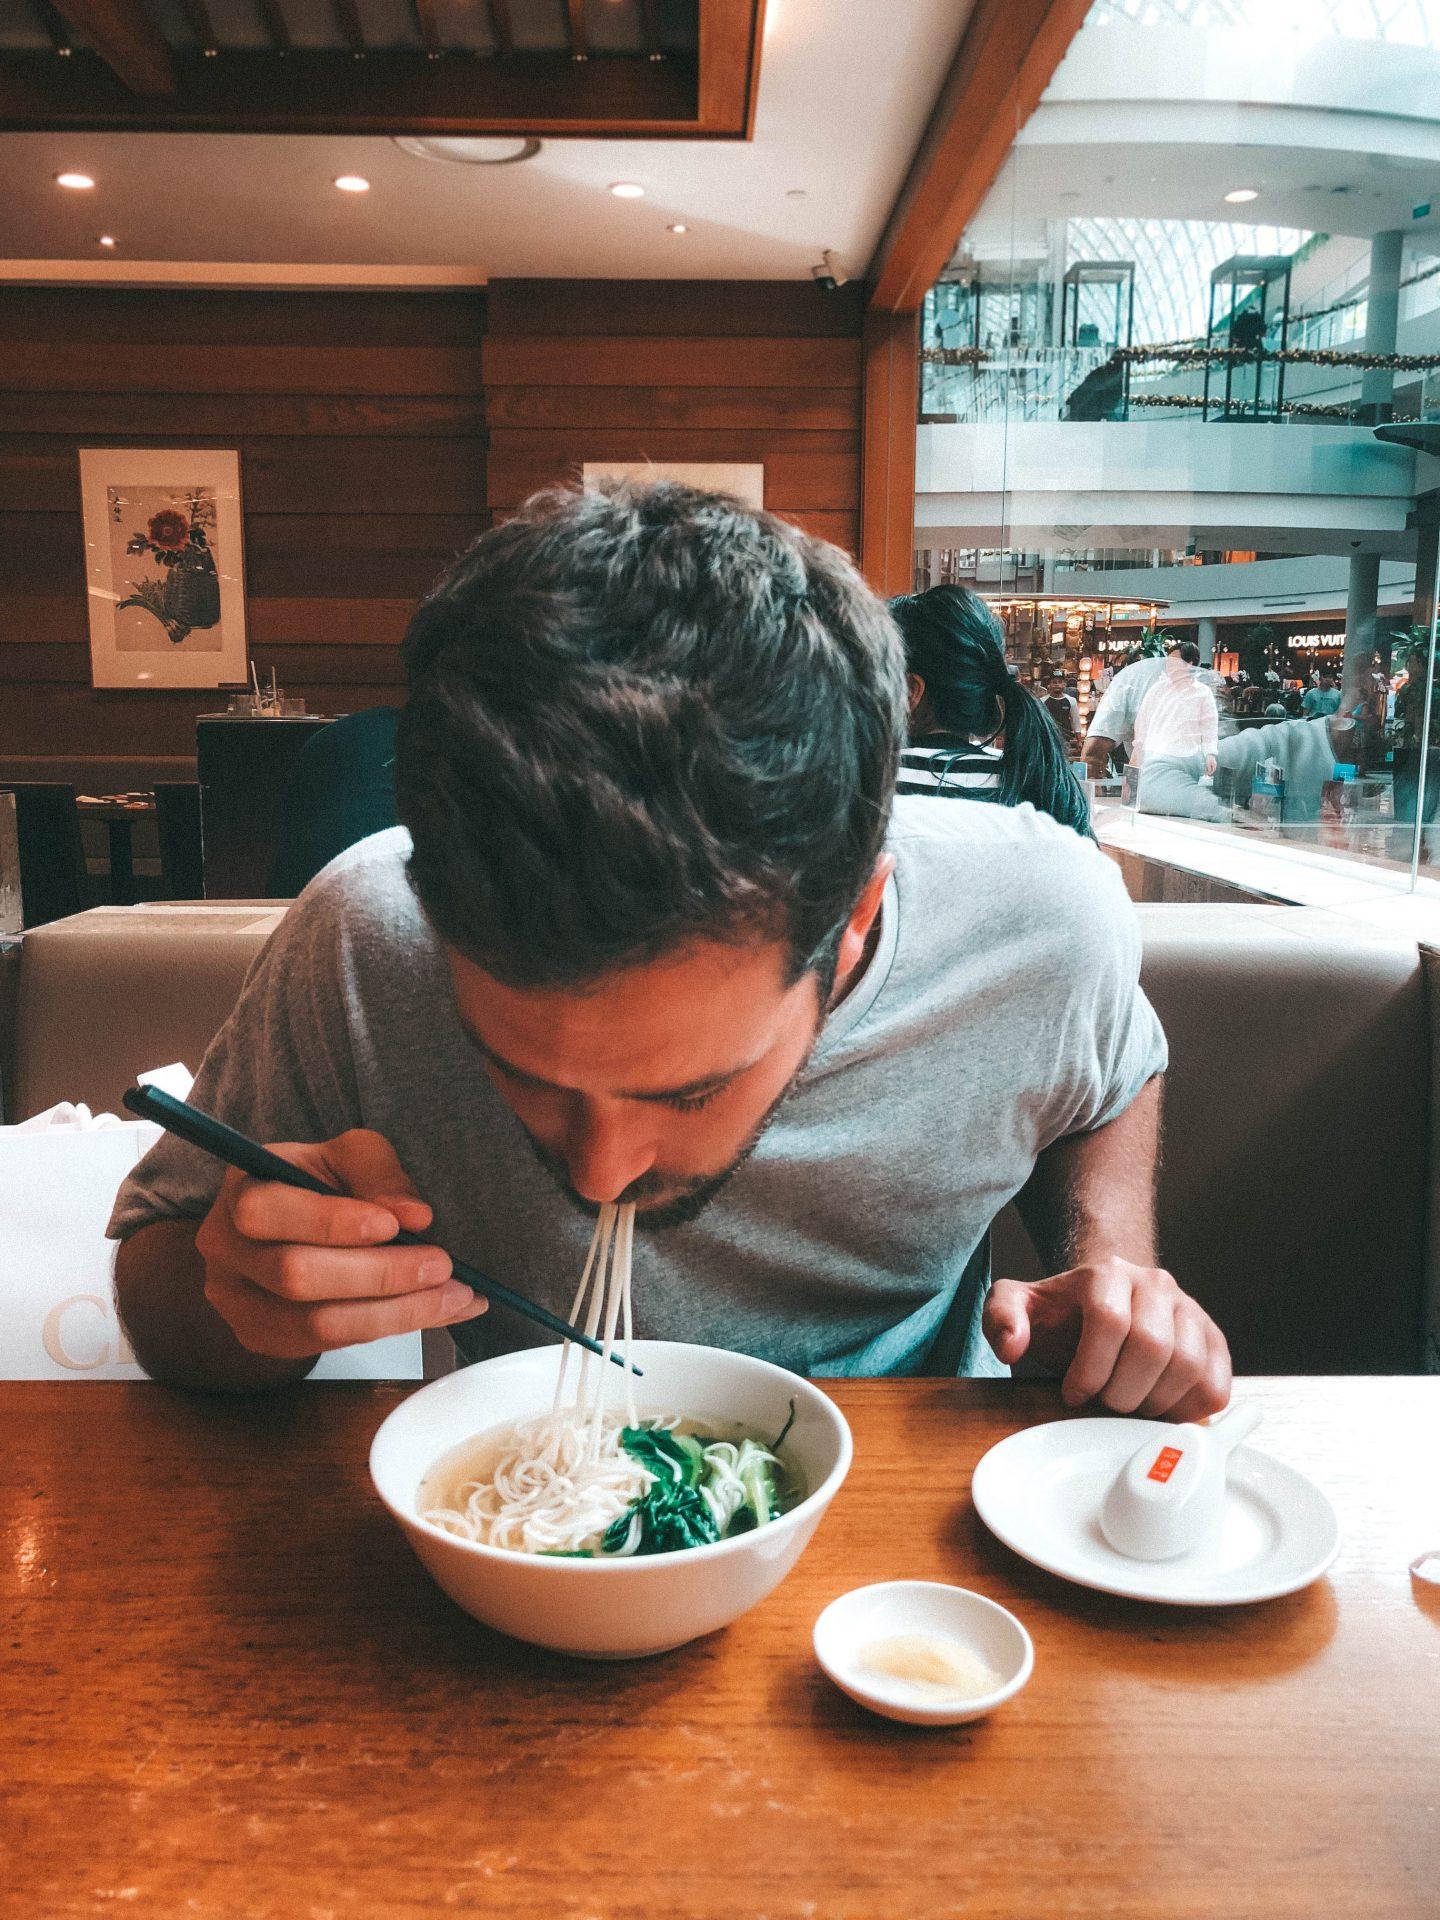 Din Tai Fung Singapour - Blondie Baby blog mode Paris et voyages